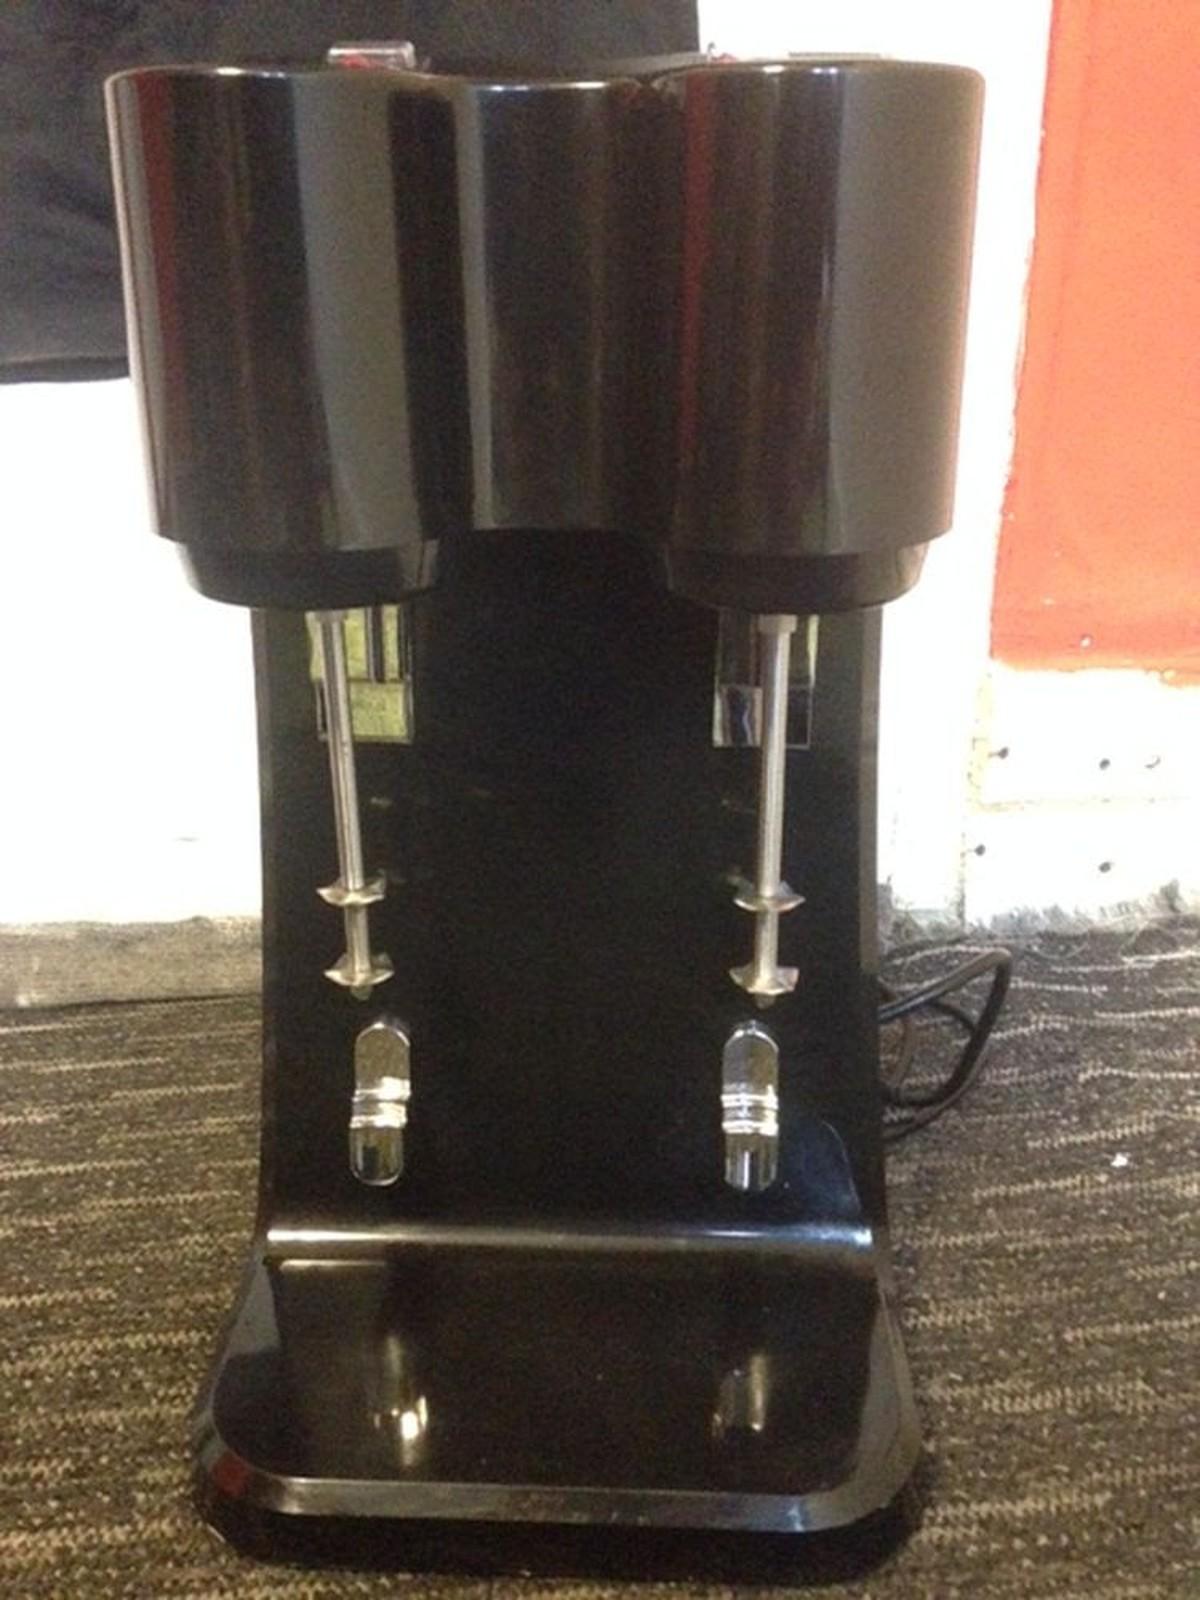 used milkshake machine